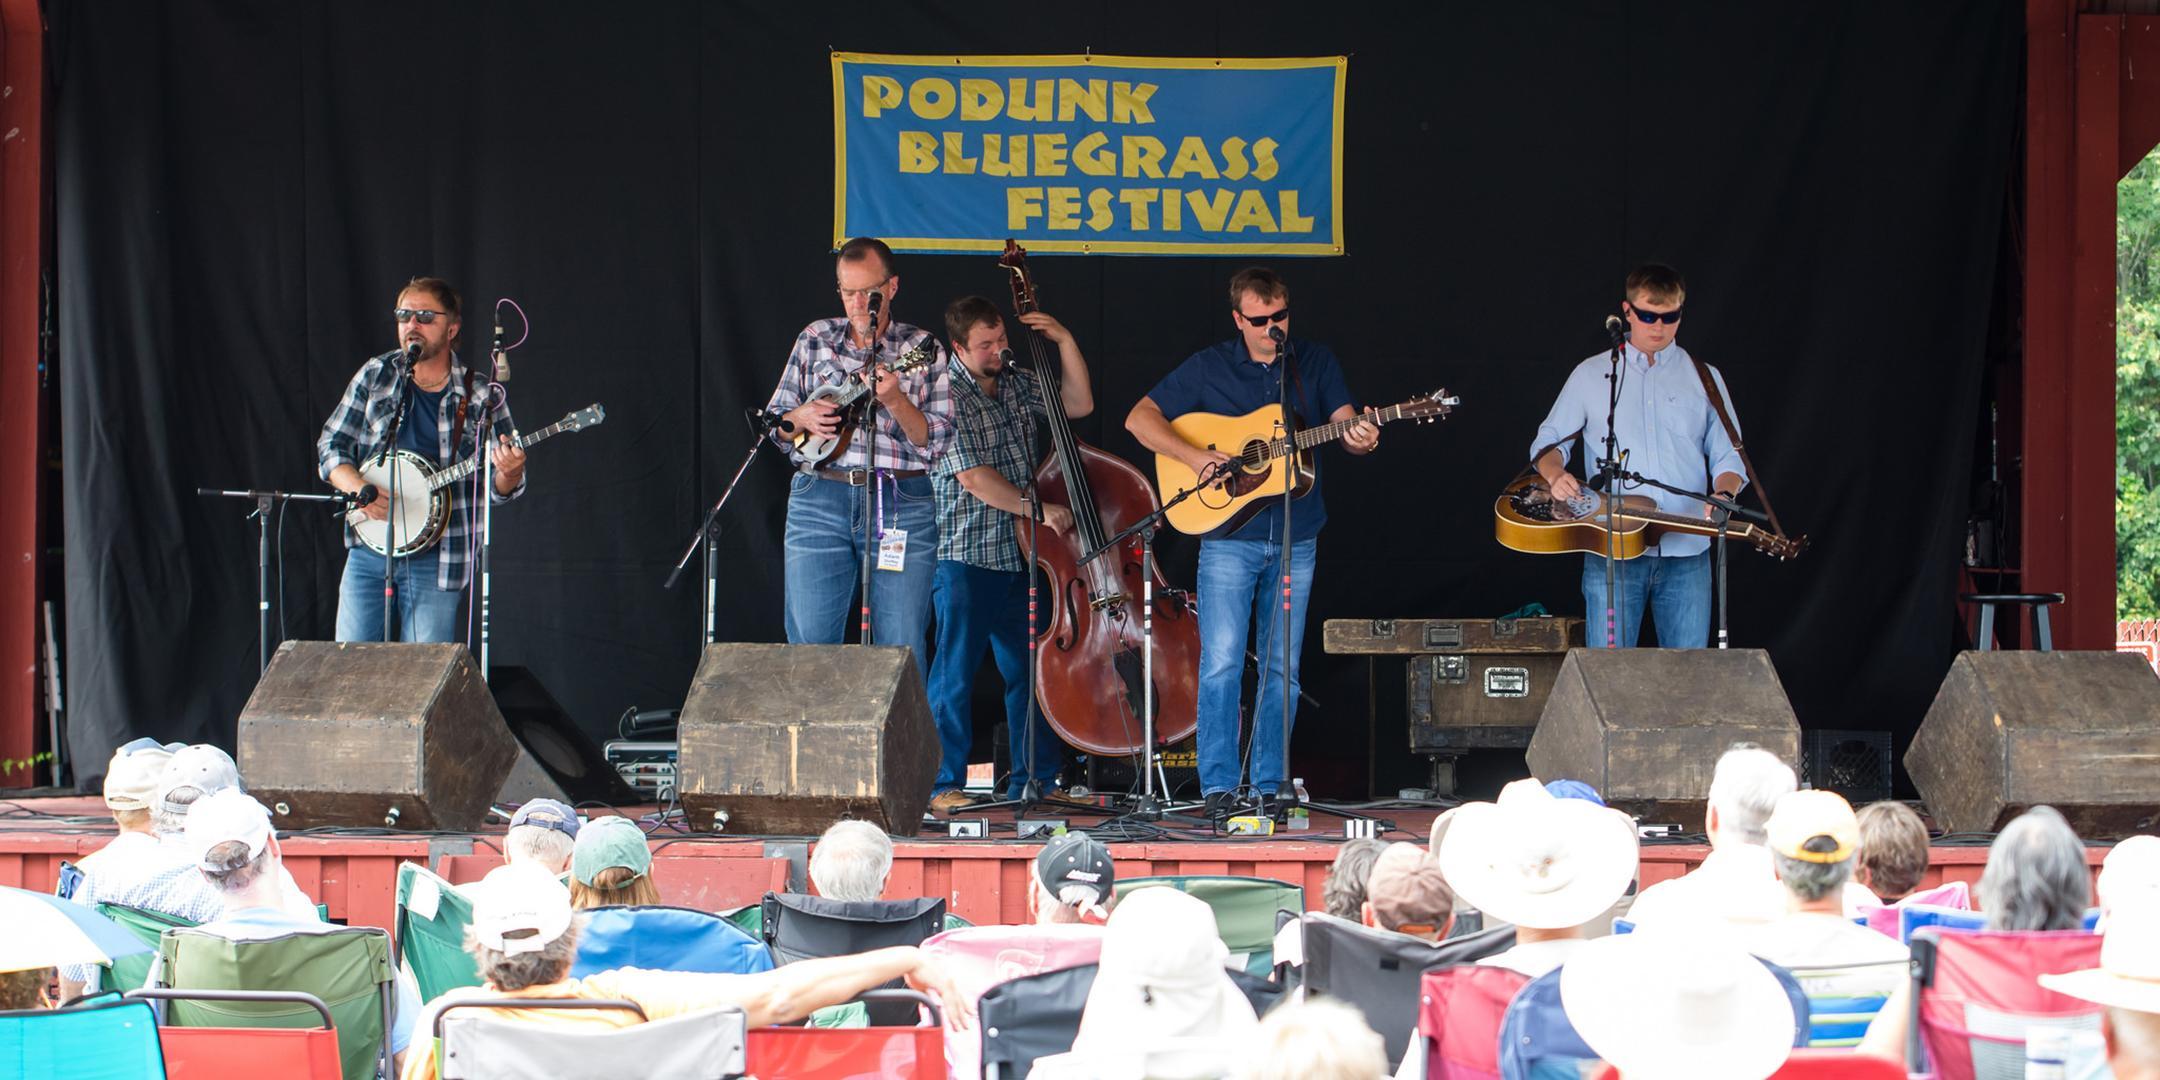 22nd Podunk Bluegrass Music Festival